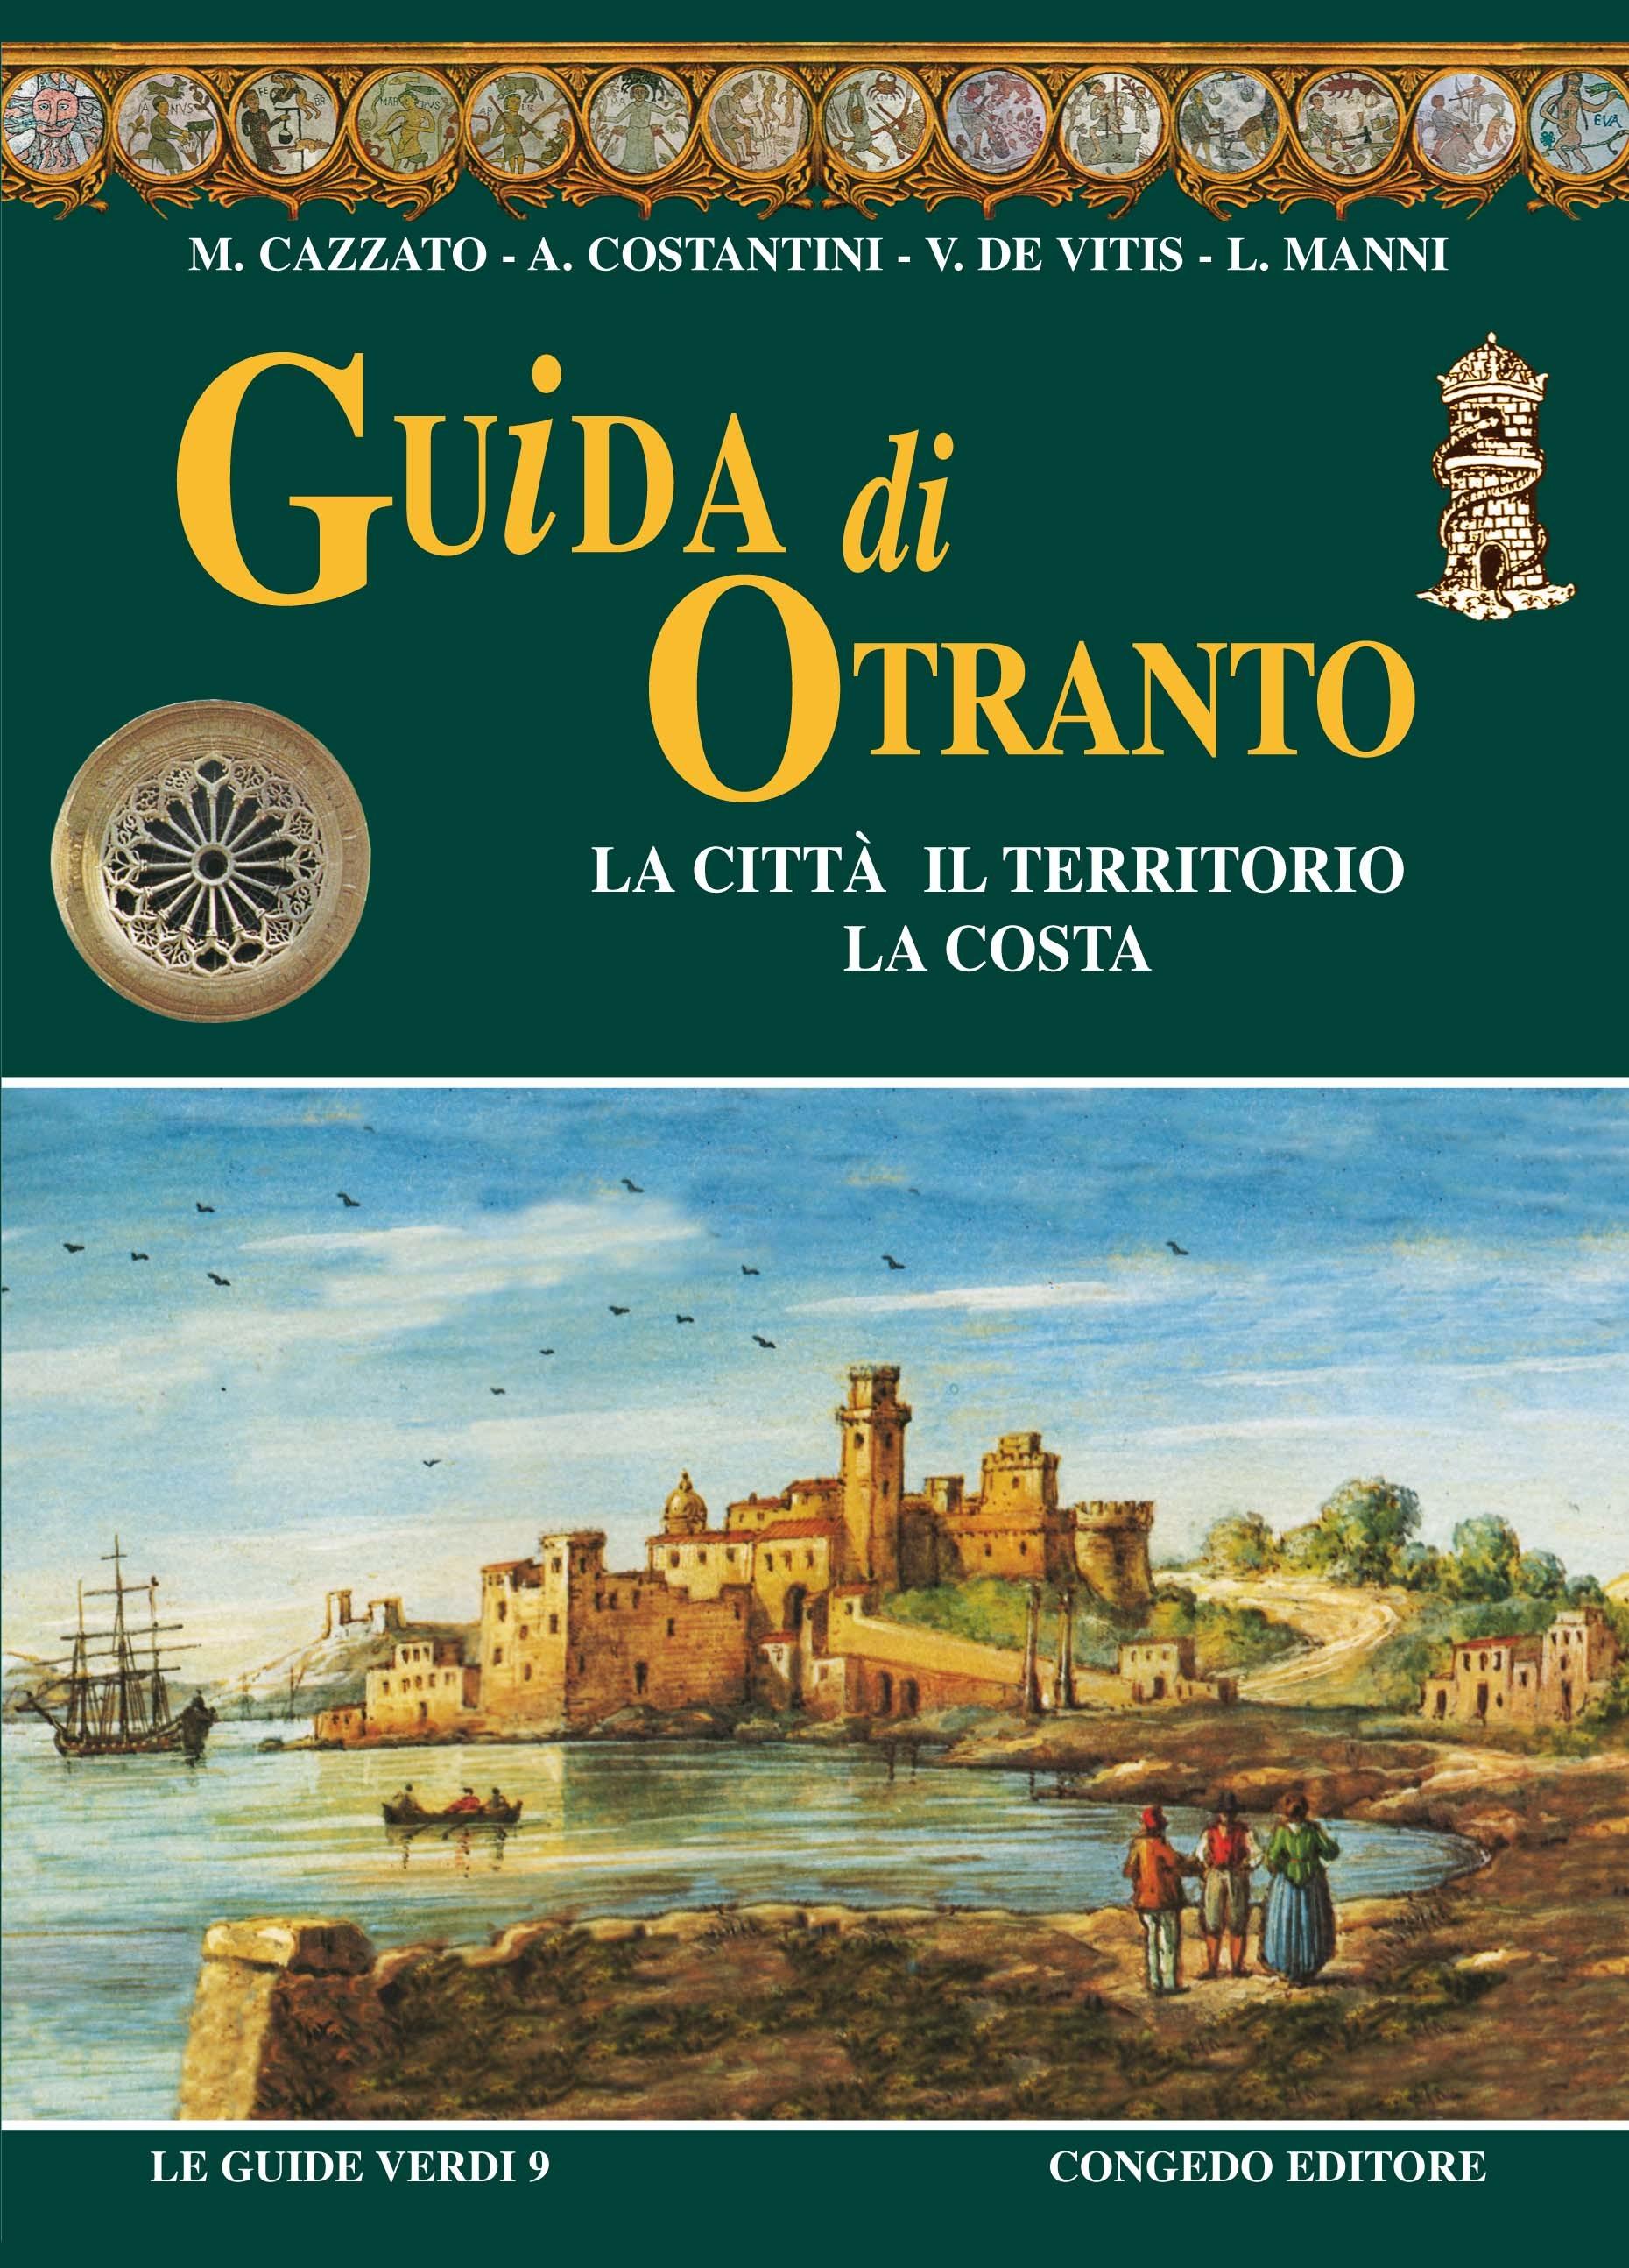 Guida di Otranto. La città il territorio la costa